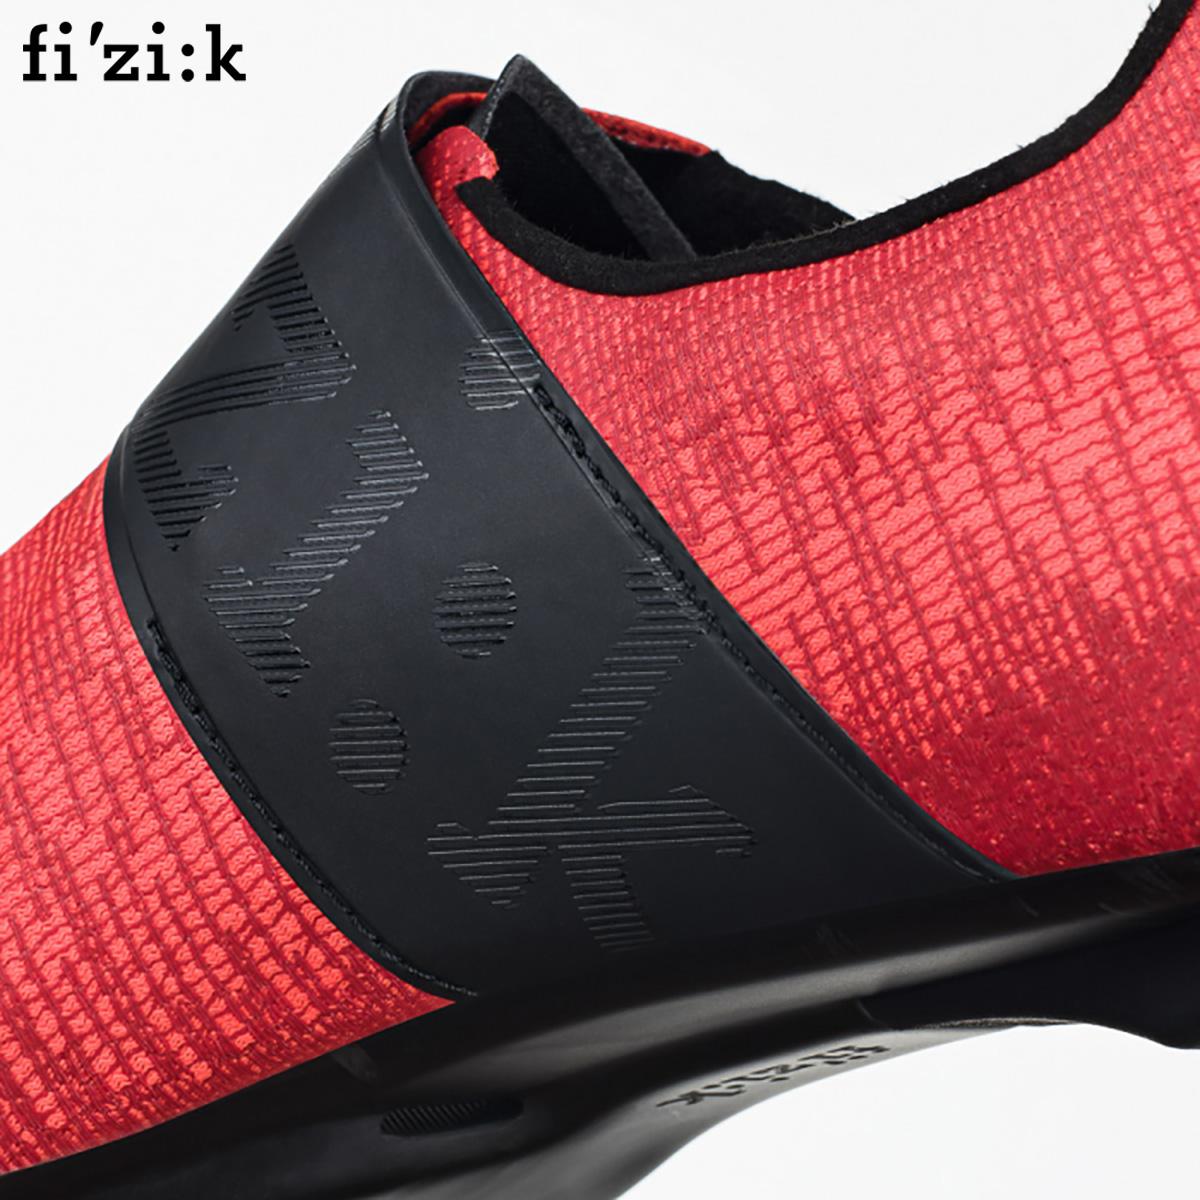 La tomaia della nuova scarpa per bici da strada Fizik Vento Infinito Carbon 2